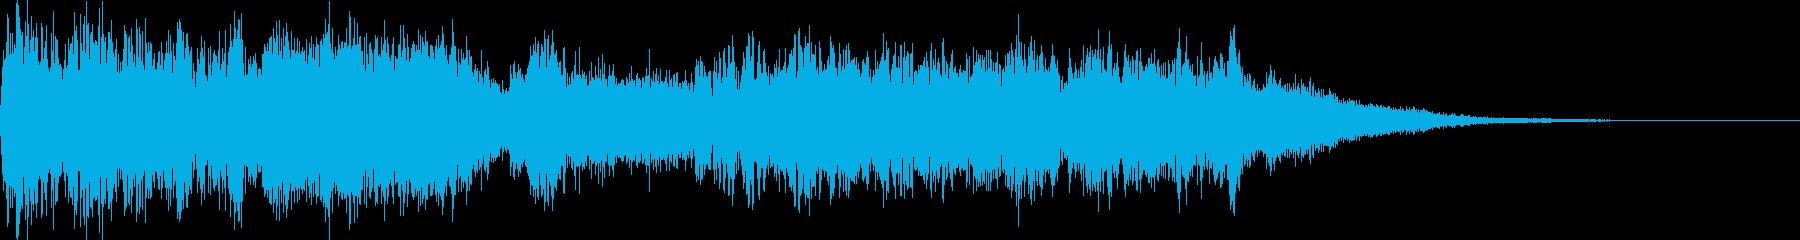 【ホラーゲーム】 サイコパス 02の再生済みの波形